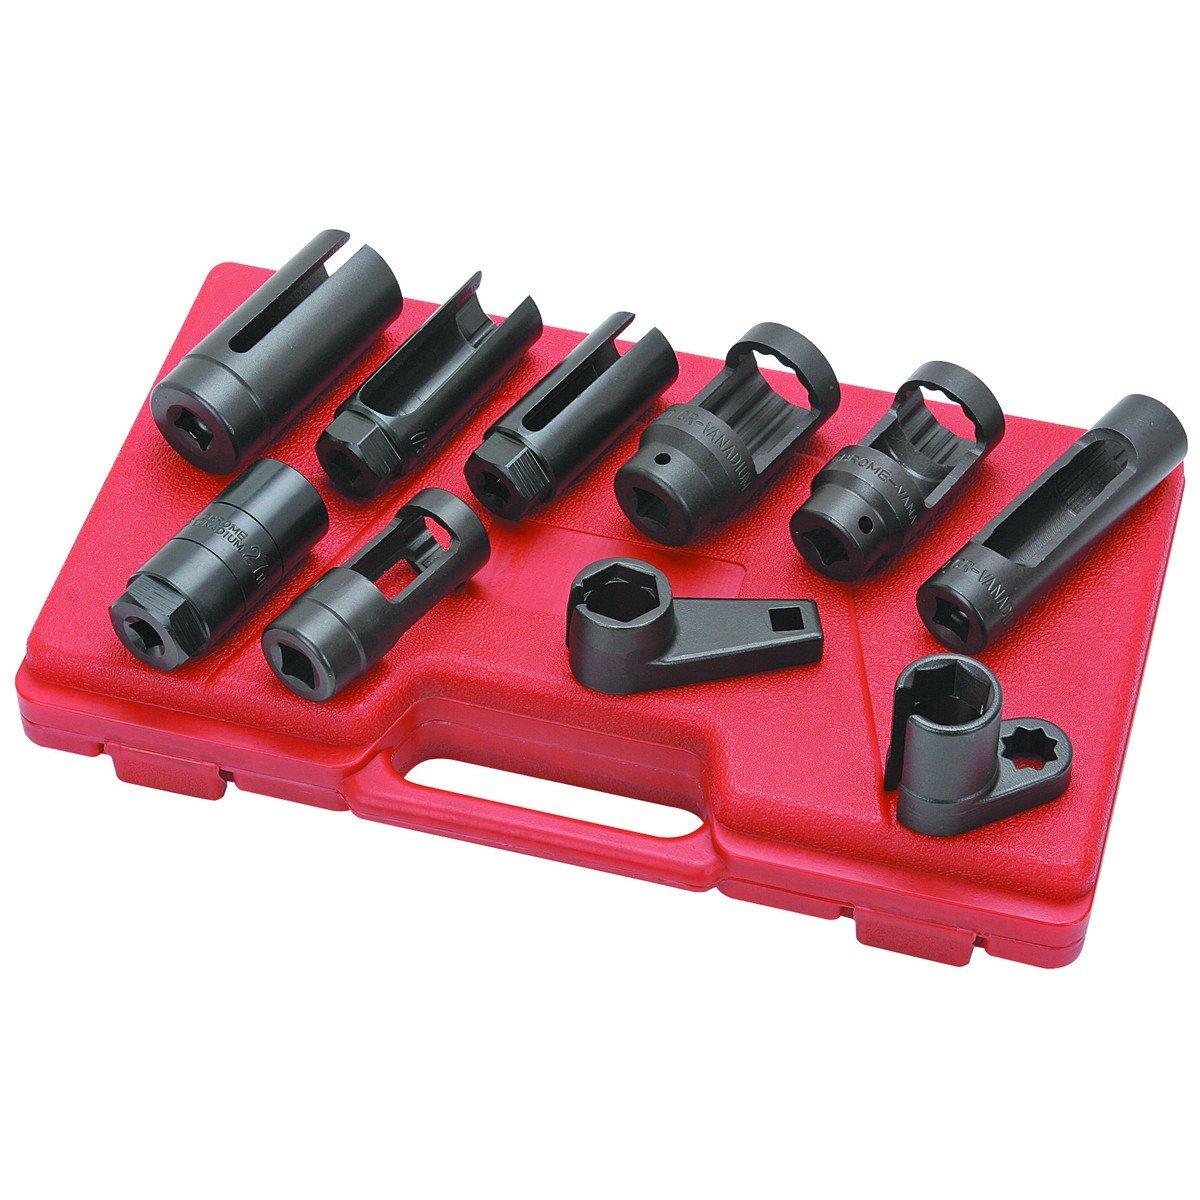 Oxygen Sensor and Diesel Injection Socket Set